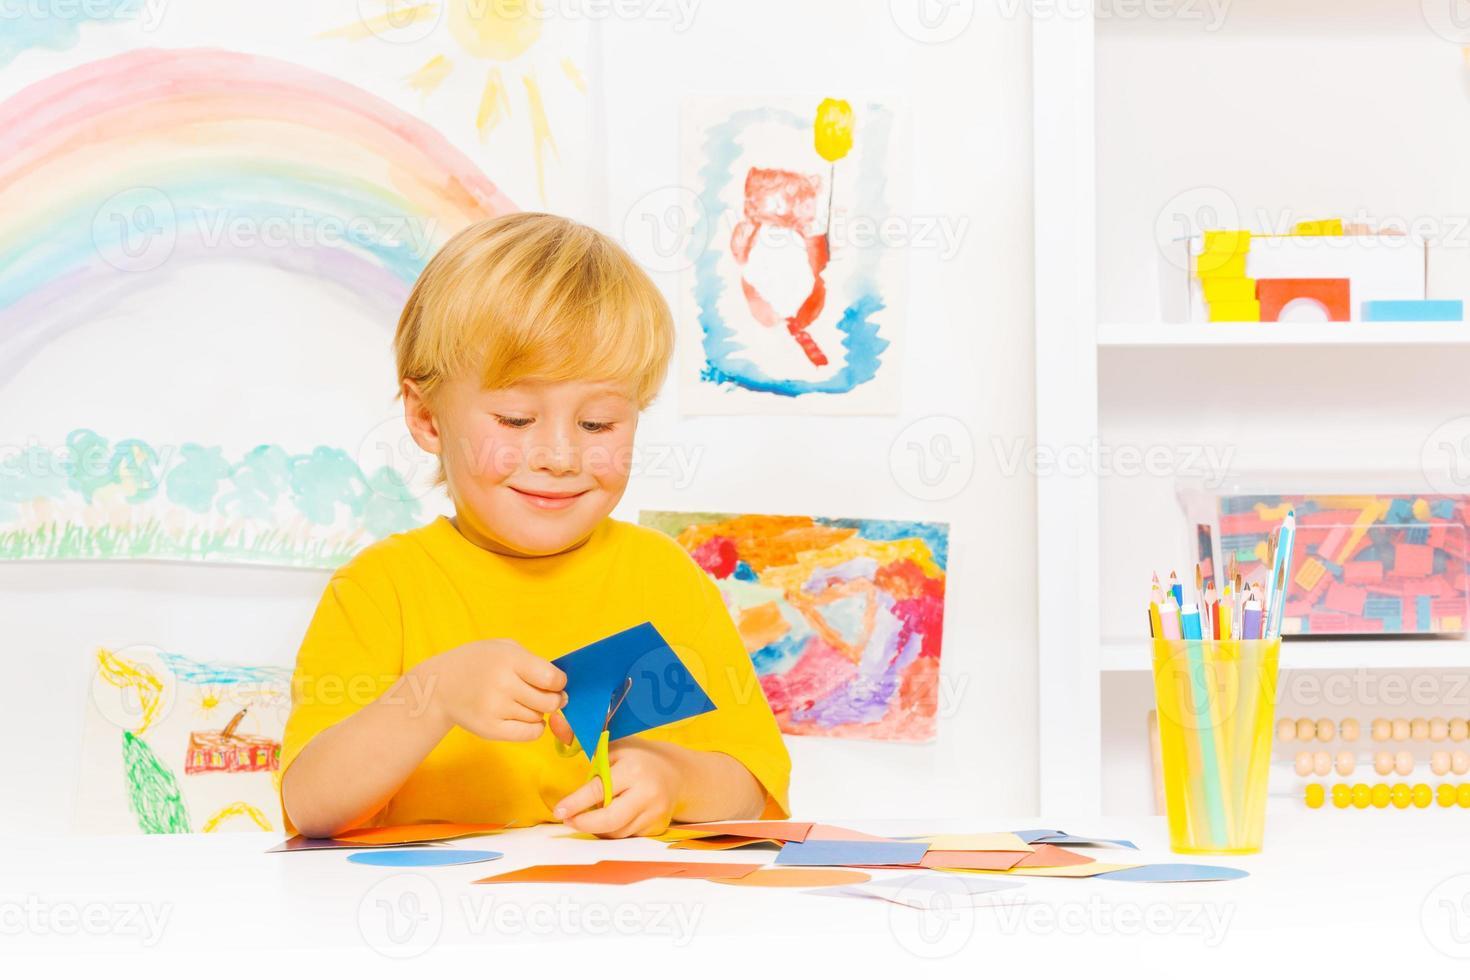 menino loiro cortando papelão na aula foto